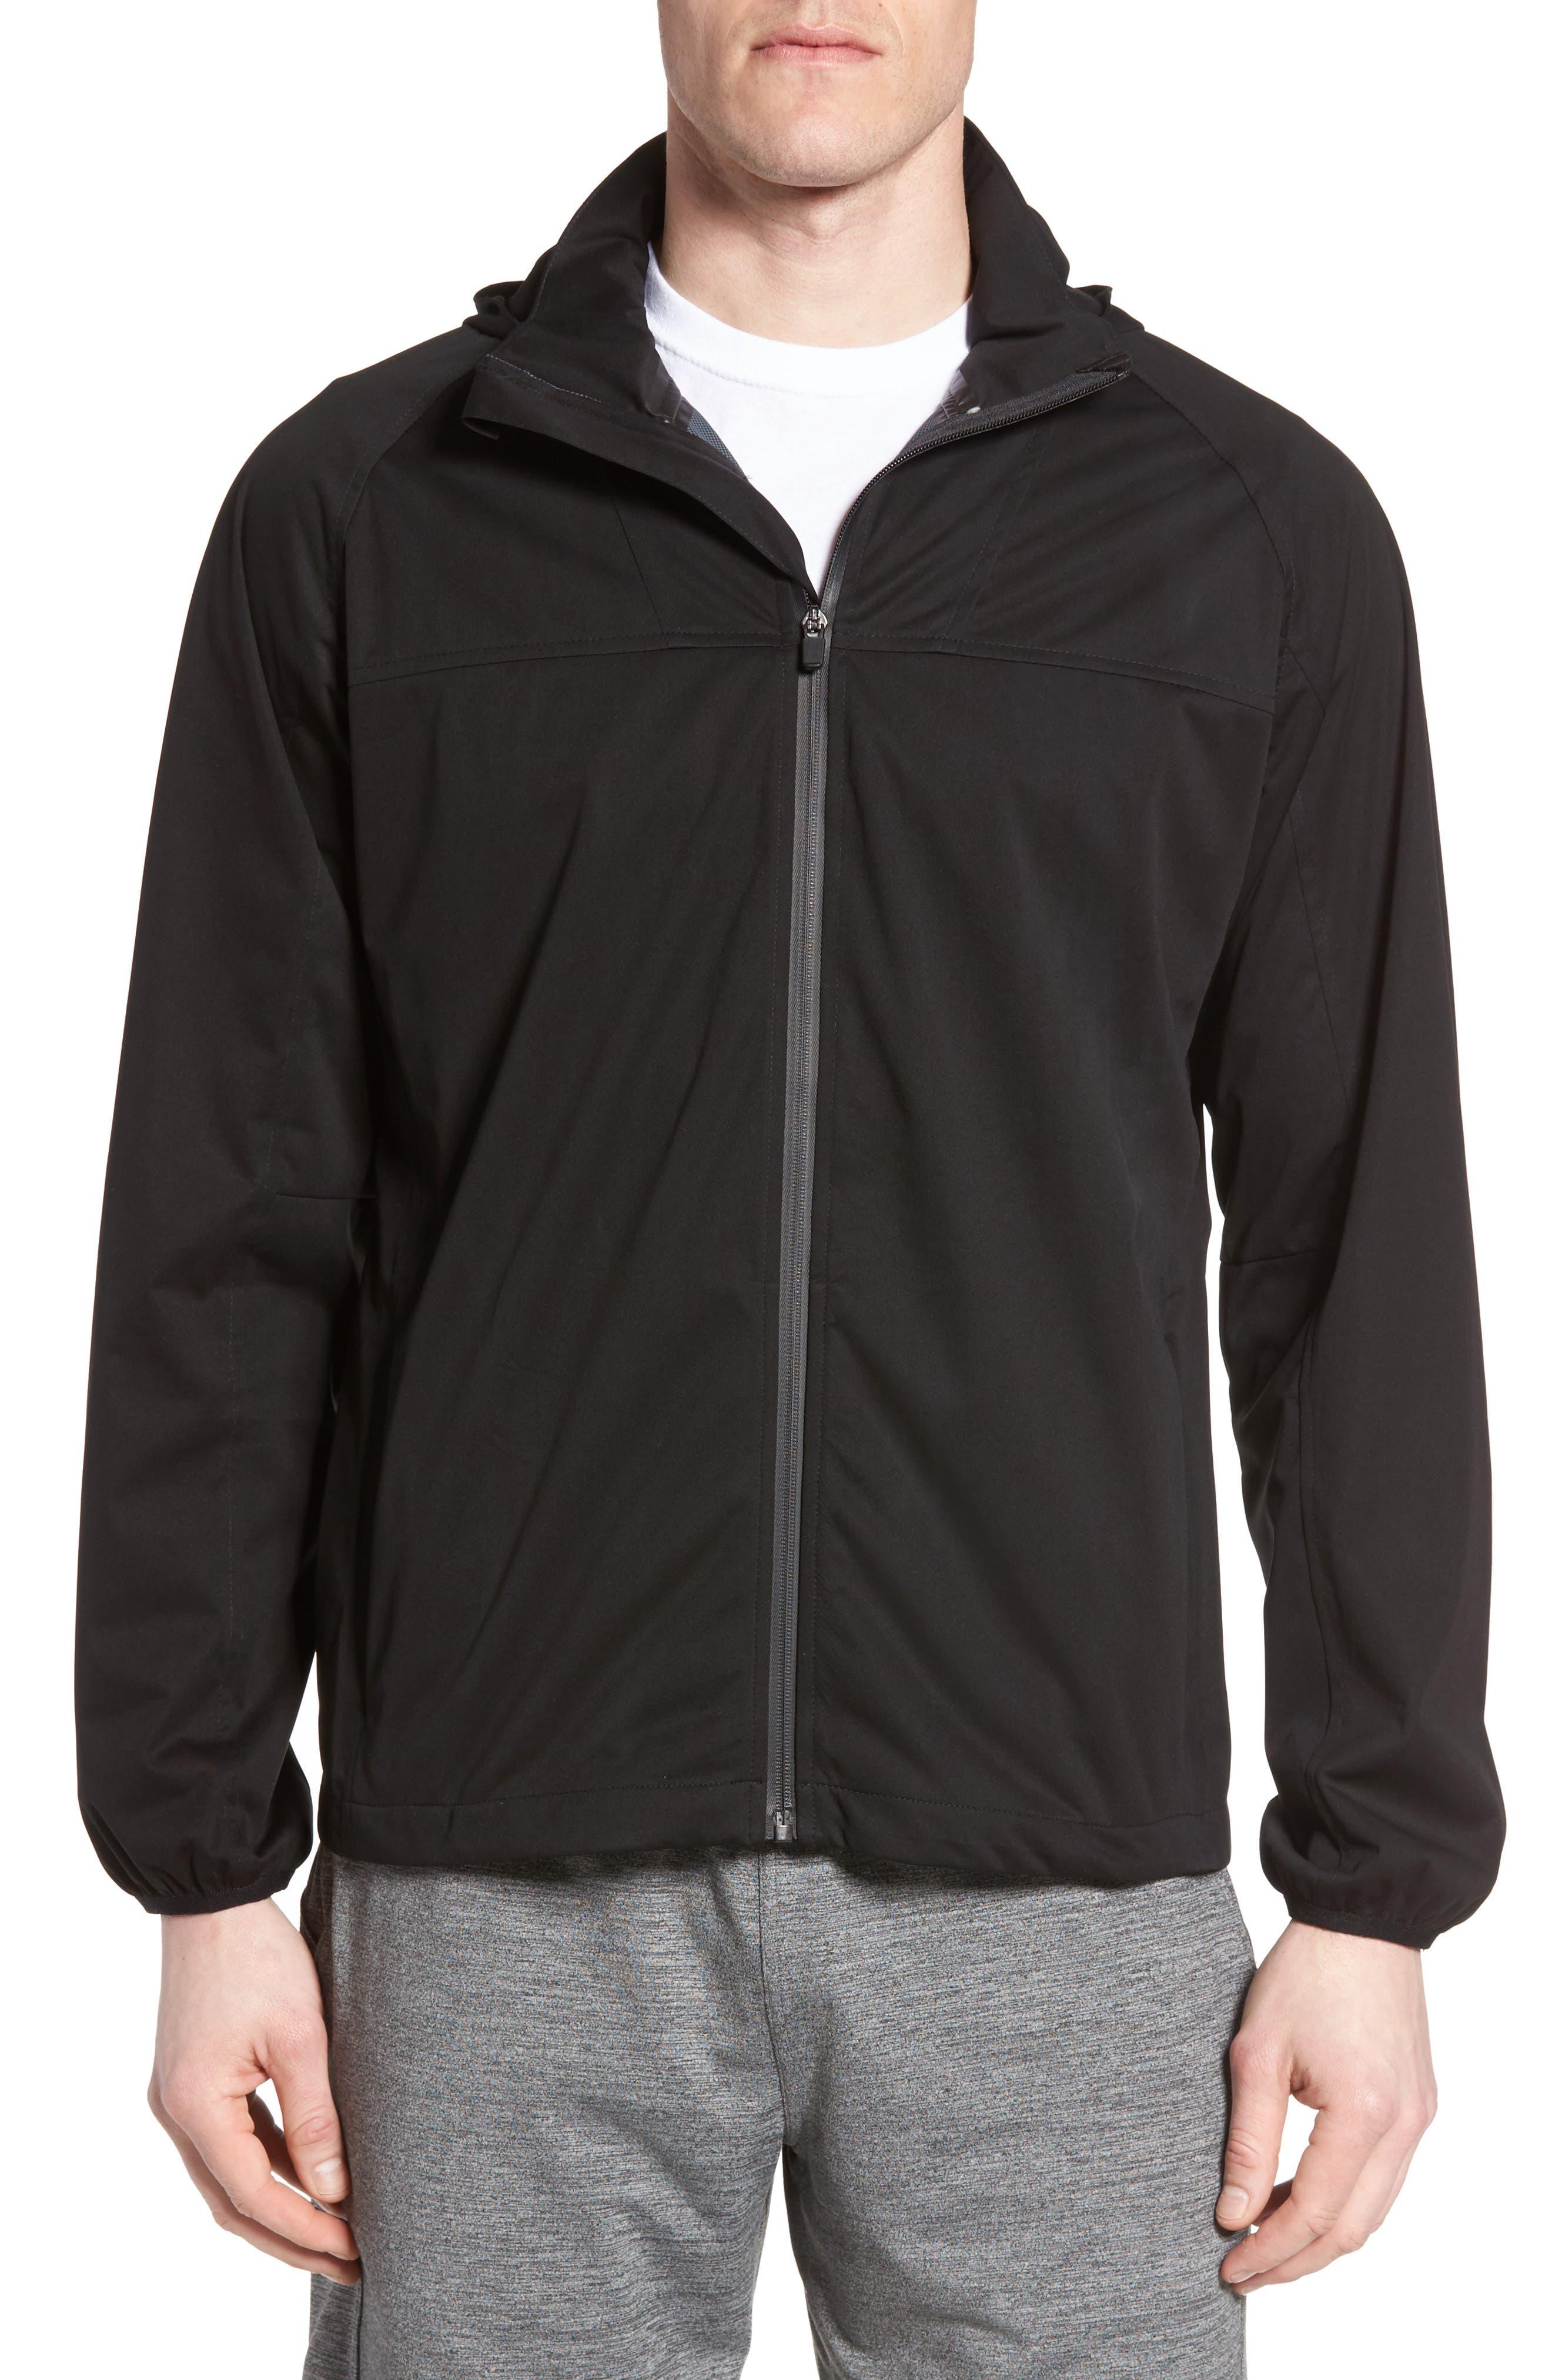 Alternate Image 1 Selected - Zella Minimum Waterproof Jacket